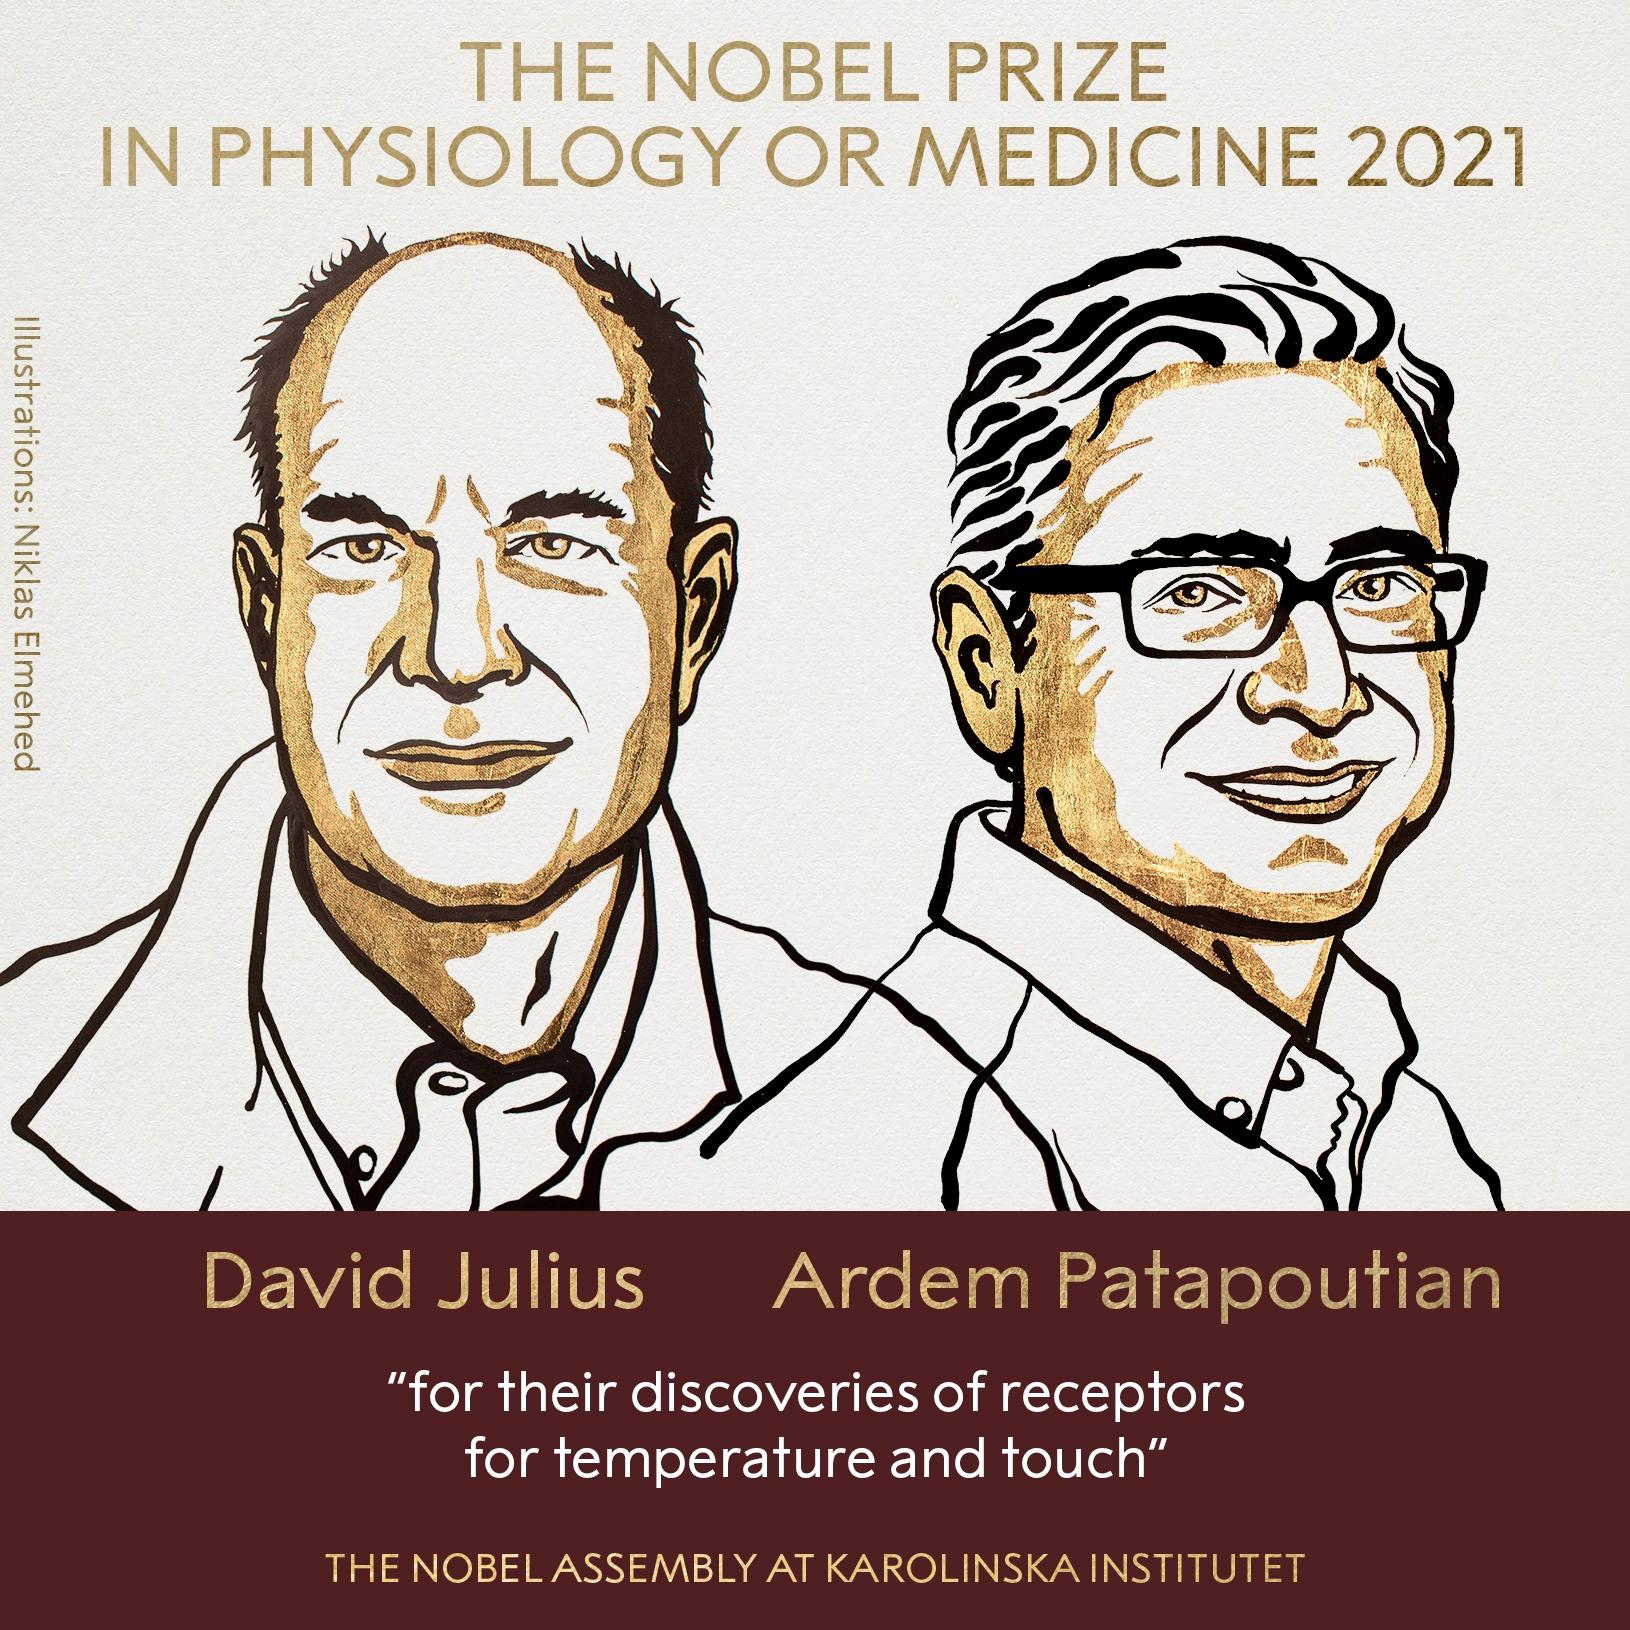 Нобелевская премия 2021: стали известны имена лауреатов в области физиологии и медицины - фото №1